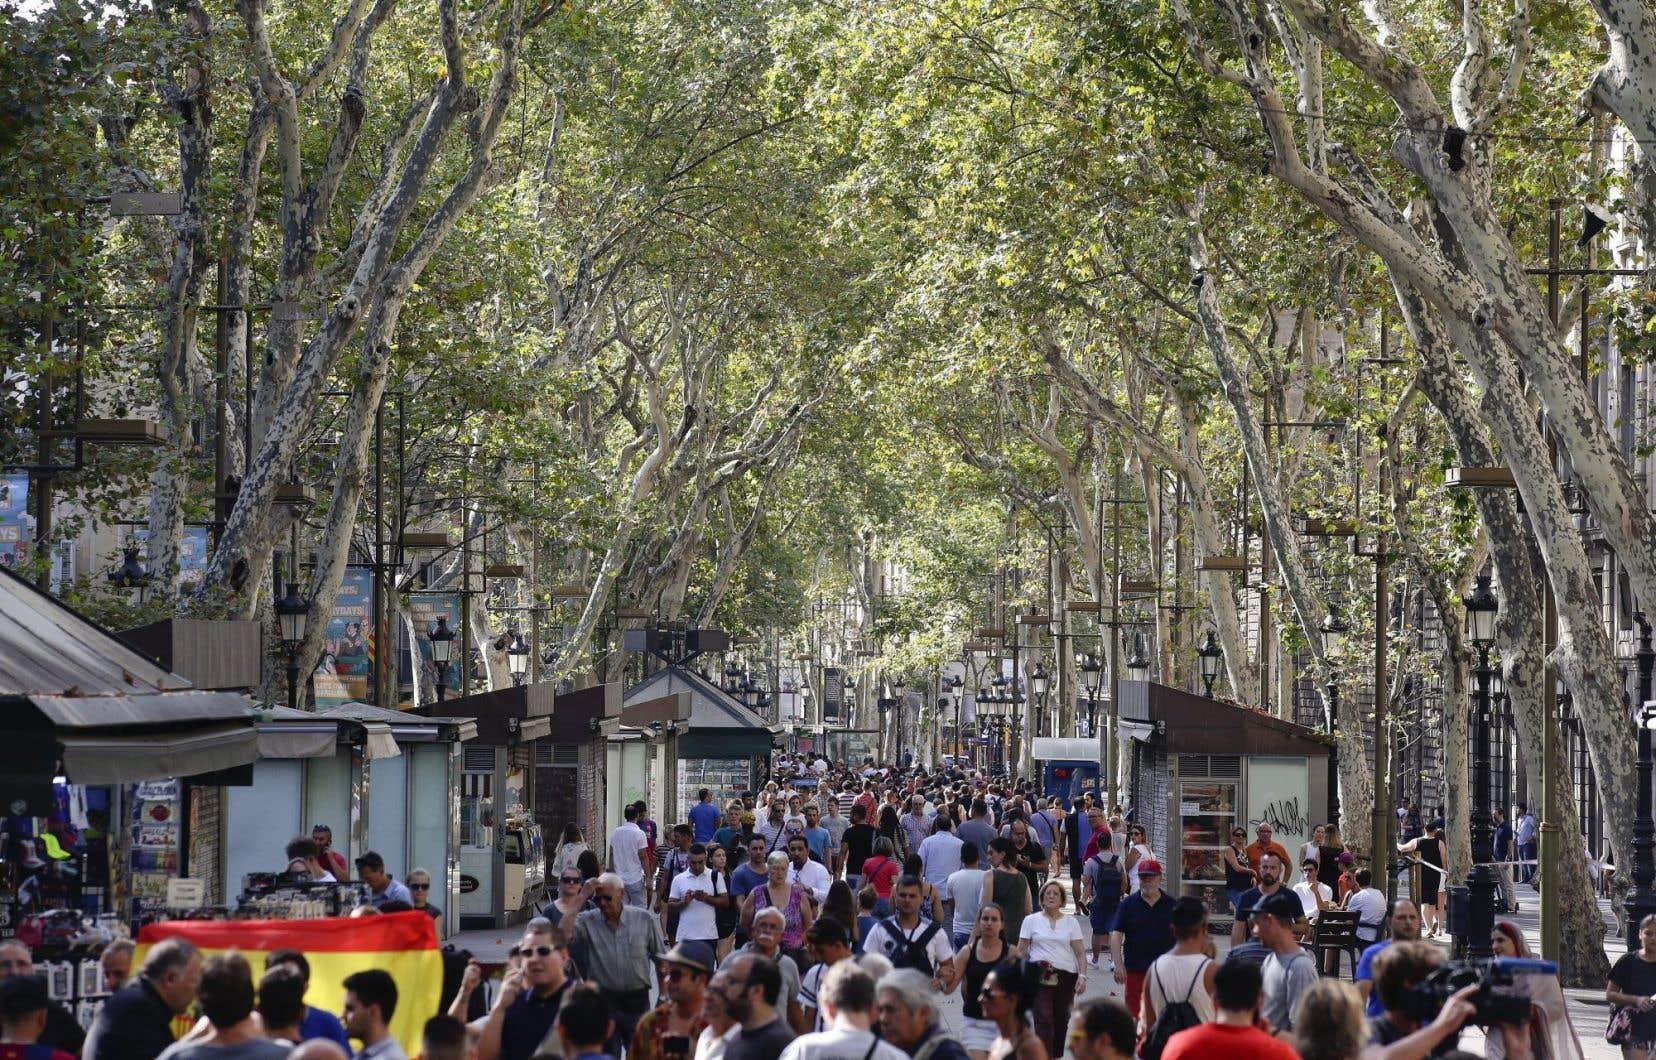 Touristes et Barcelonais ne se sont pas laissés intimider et sont retournés sur la Rambla au lendemain de l'attaque terroriste.